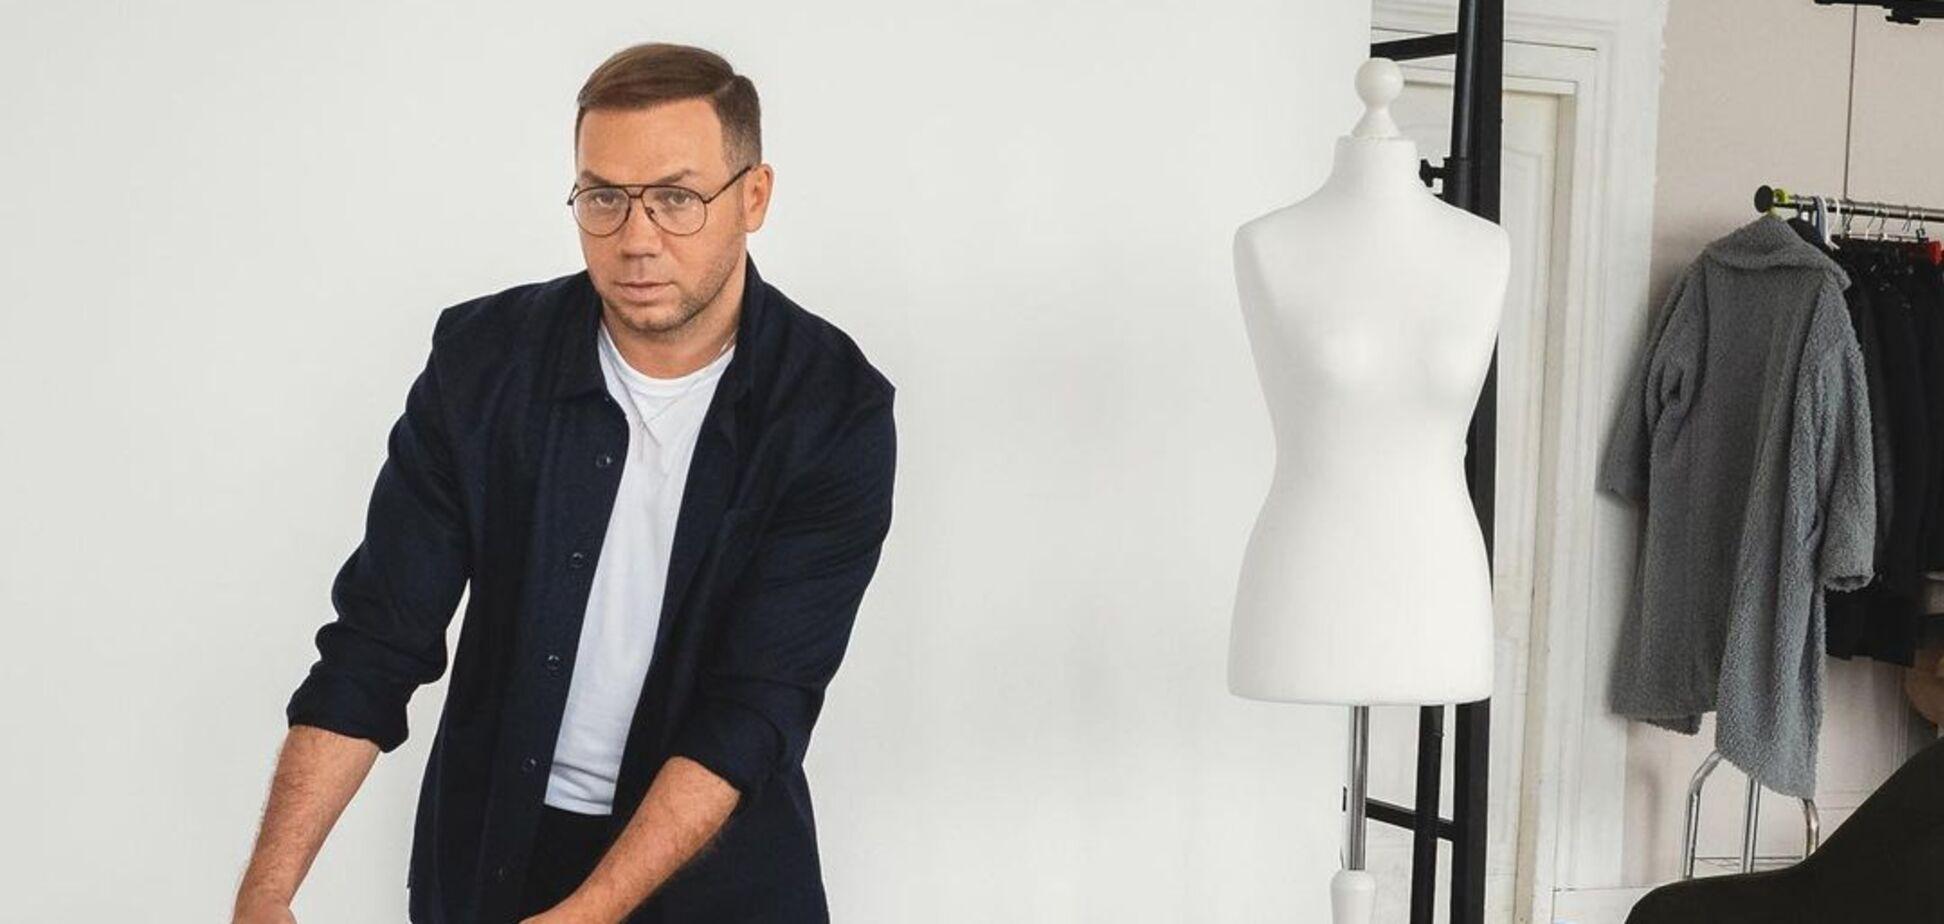 Украинский дизайнерАндре Танподелился с поклонниками новинкой из своей коллекции